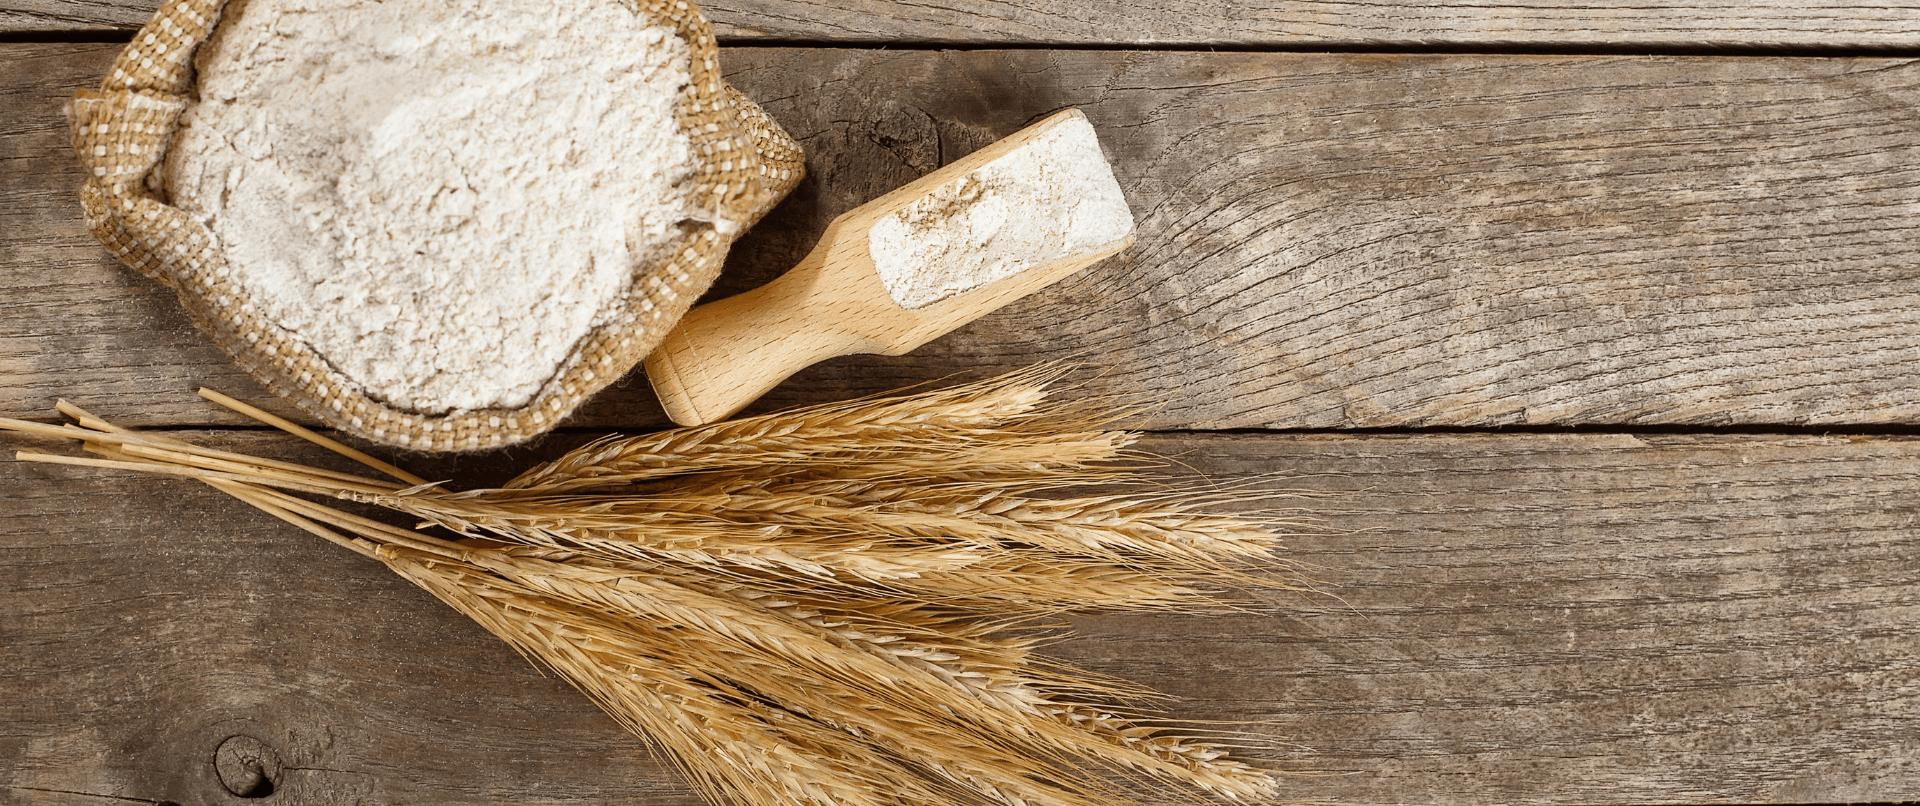 Ruchmehl – Alles über das Schweizer Mehl